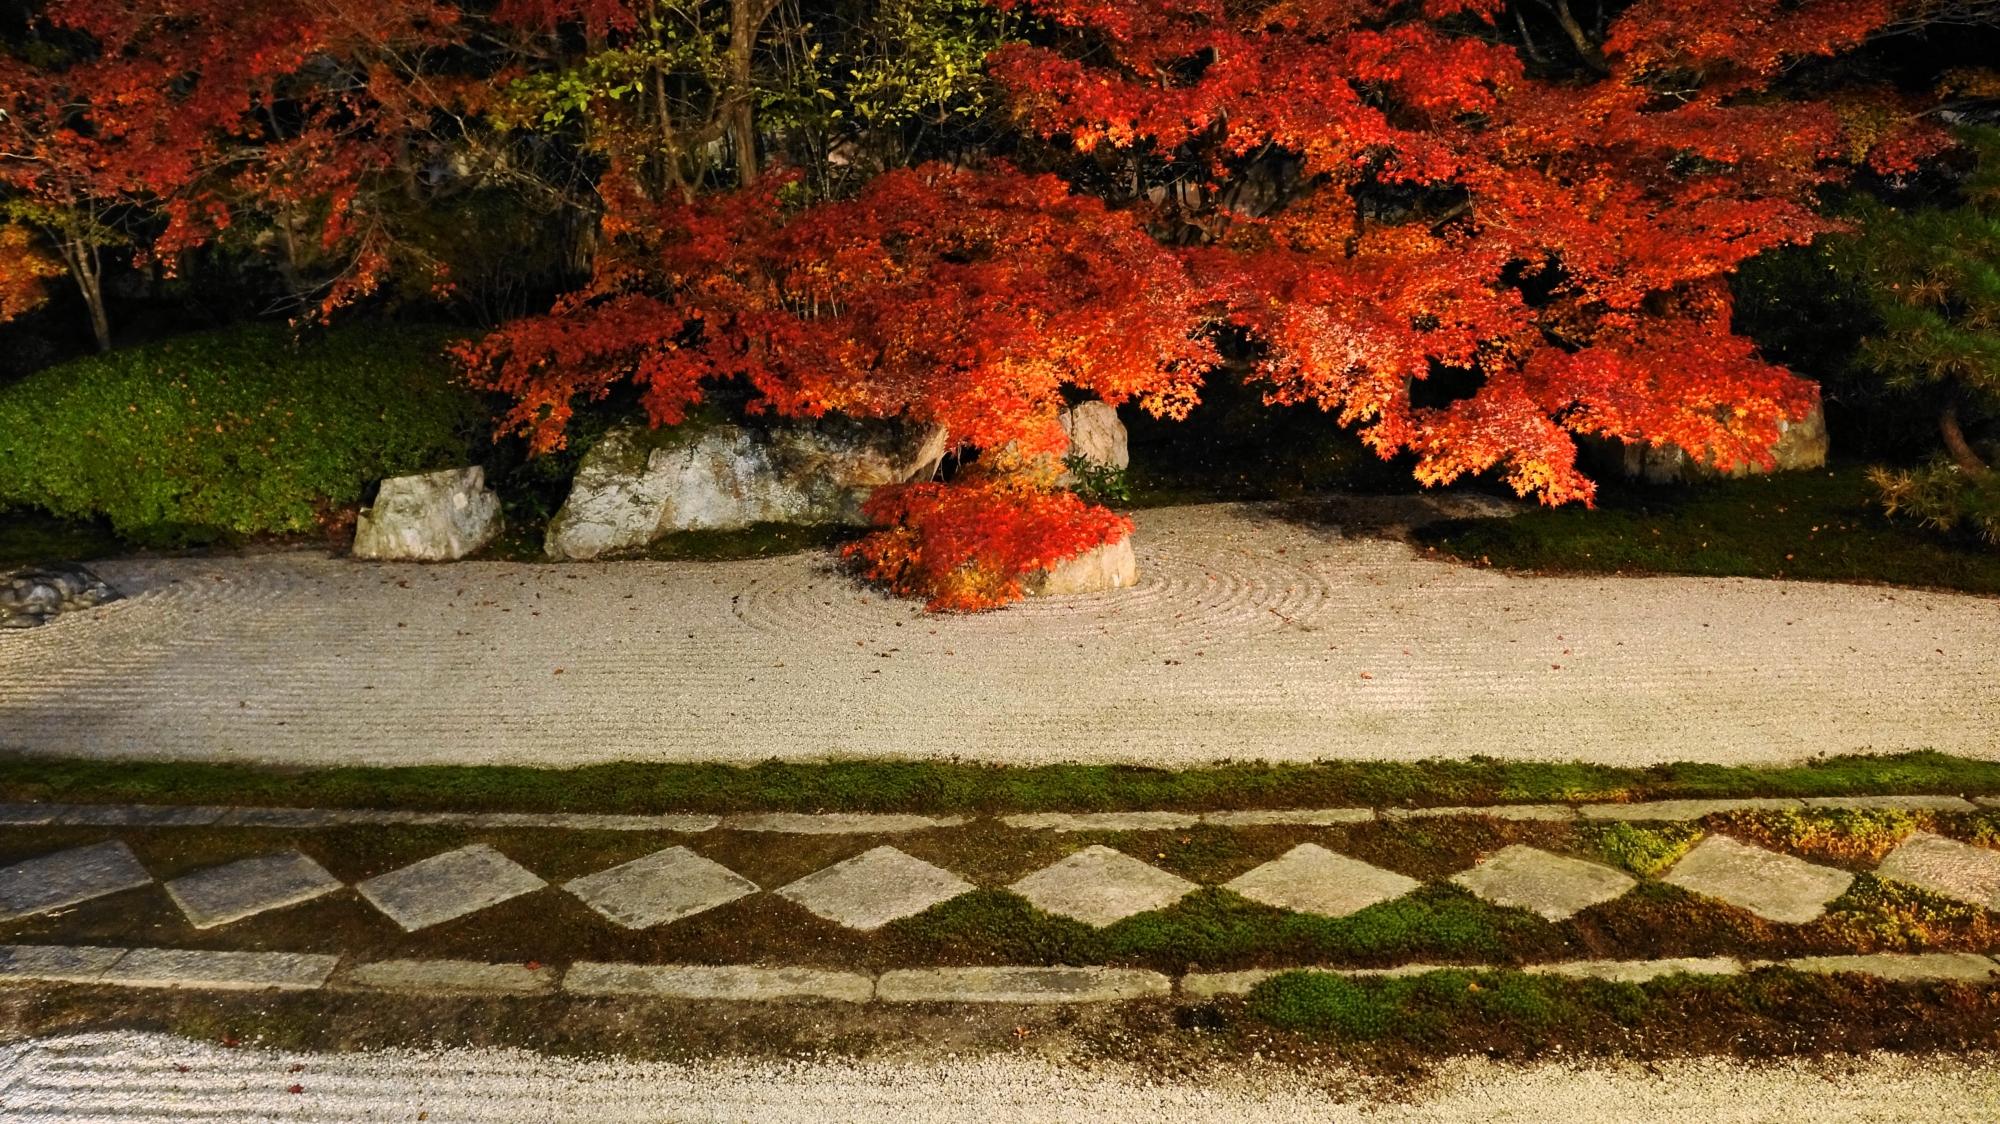 艶やかな紅葉を演出する独特の菱形の飛び石